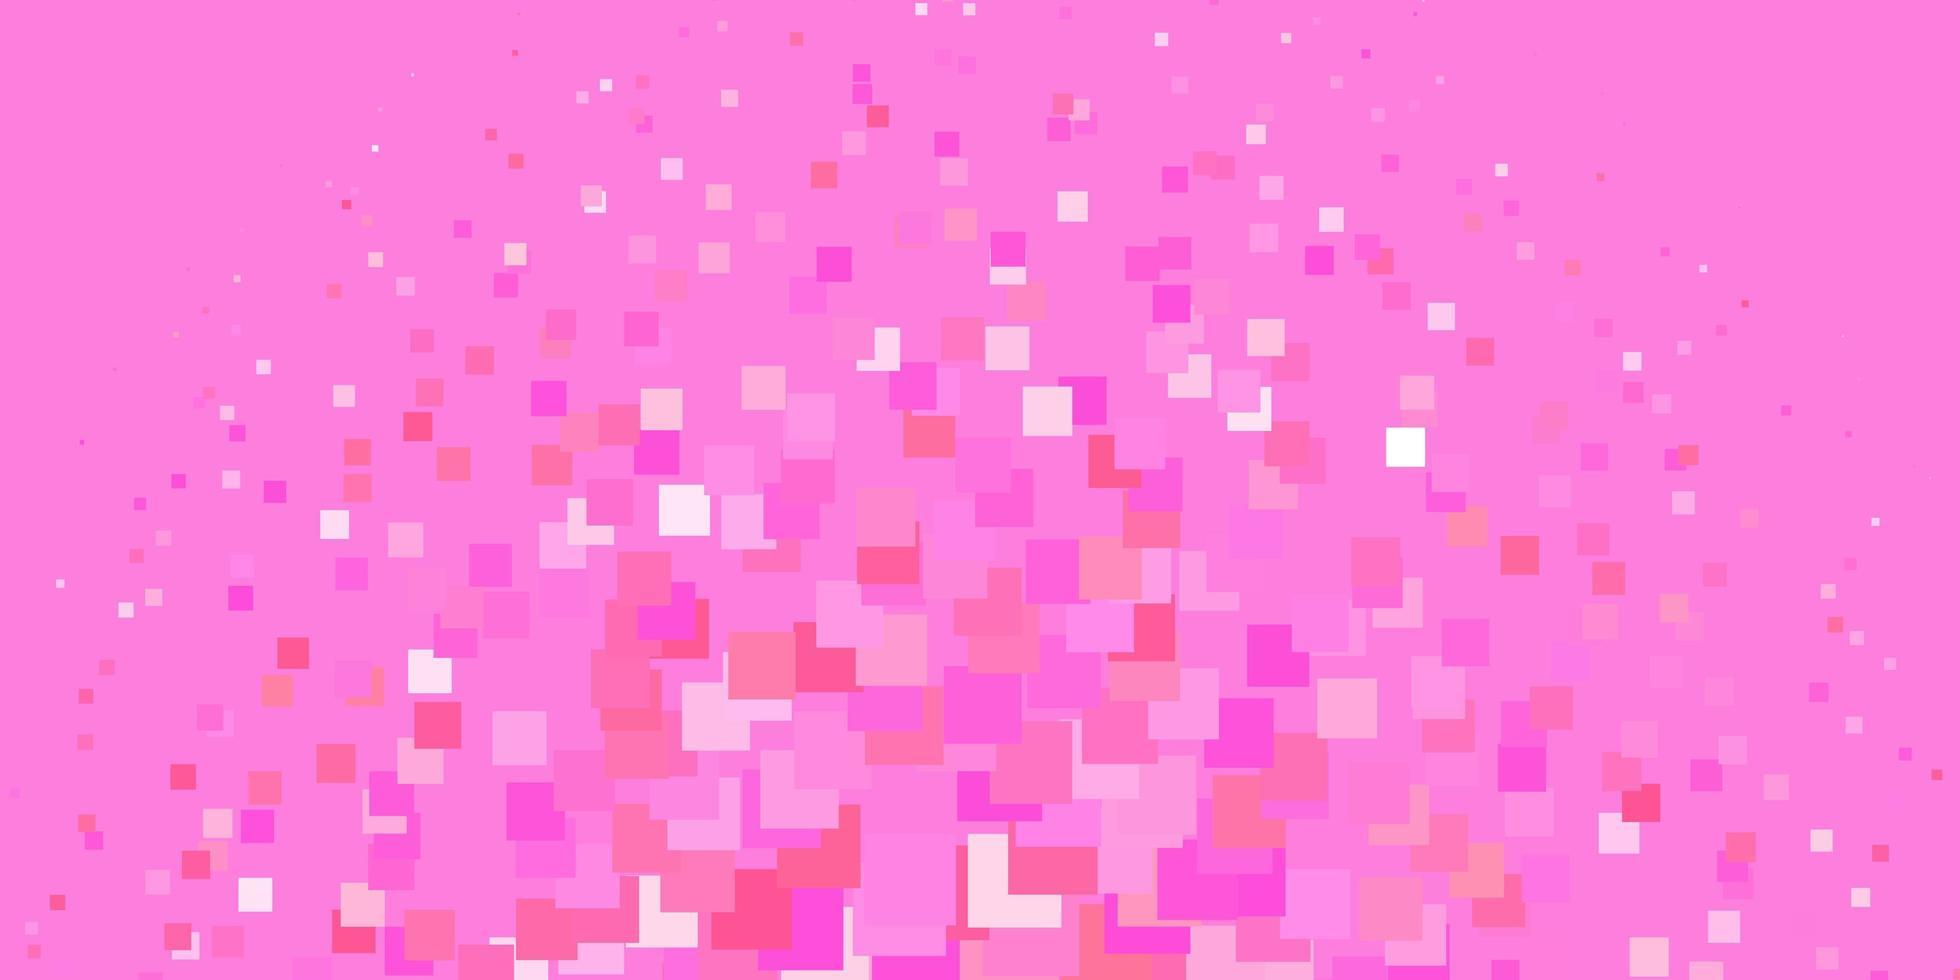 layout de vetor rosa claro com linhas, retângulos.